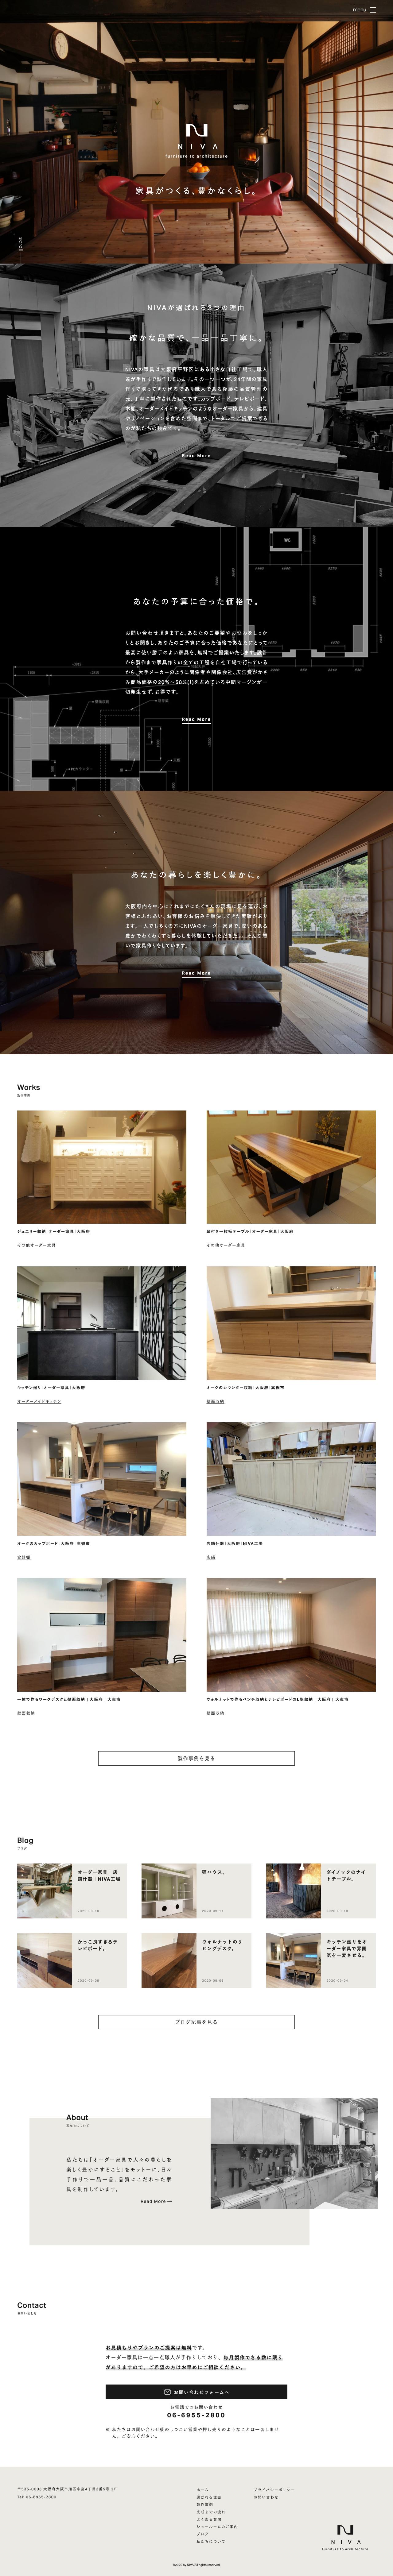 大阪府大阪市にあるオーダー家具屋さんのホームページのWebデザイン(PC版)のトップページ。